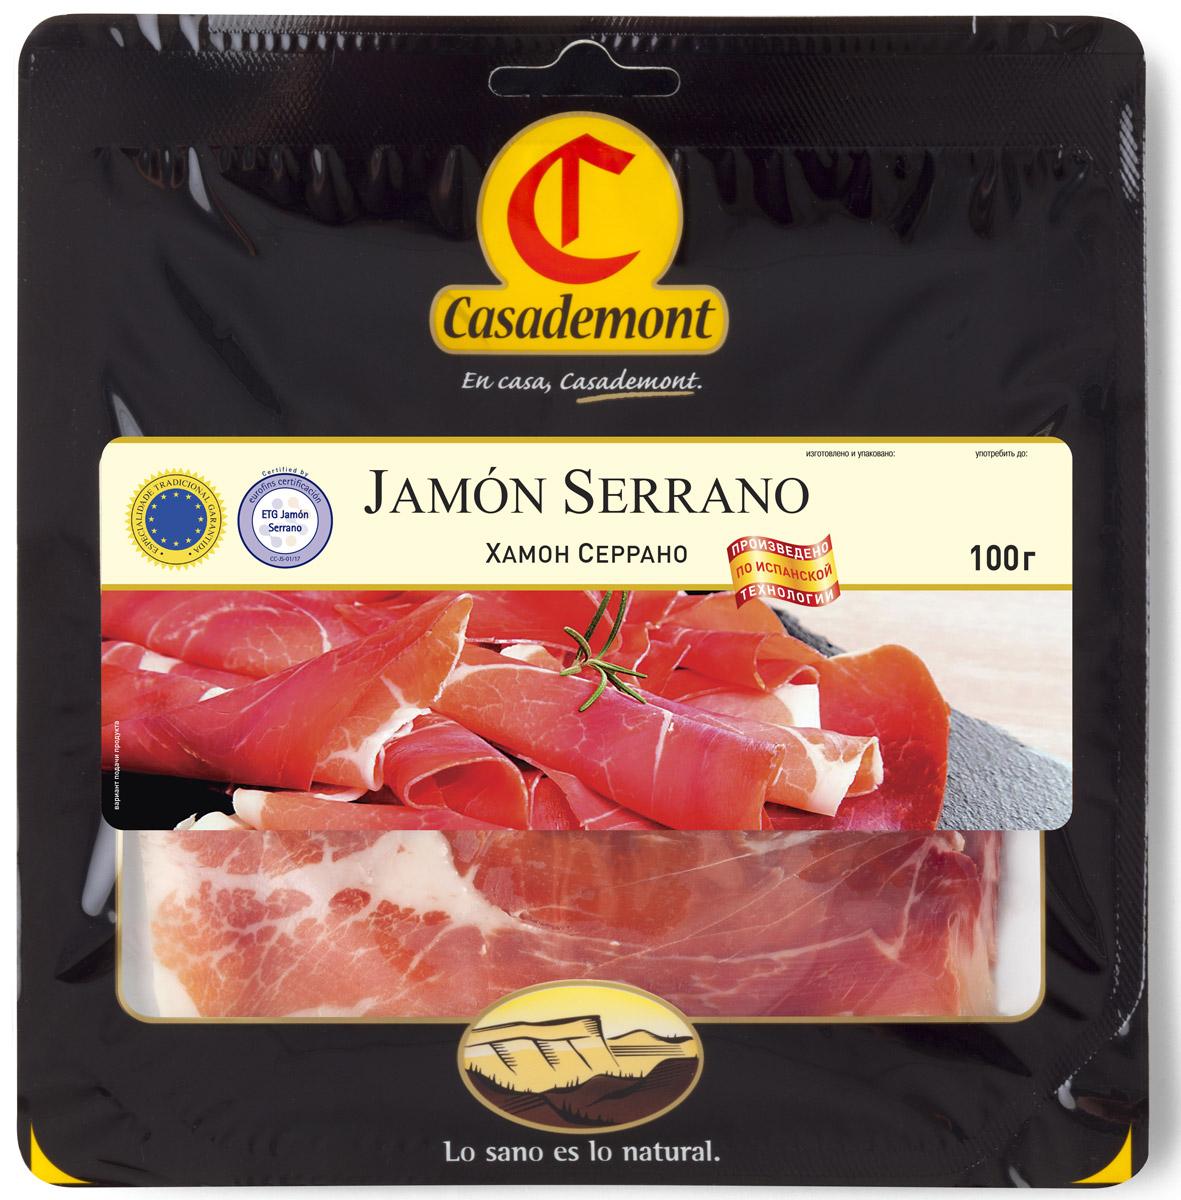 Casademont Хамон Серрано, нарезка, 100 гР0232616Продукт богат железом, цинком, фосфором, калием, натрием, кальцием, белком и жизненно важными витаминами. Хамон Casademont подают как закуску с дыней, грушей, инжиром или финиками в сочетание с вином.